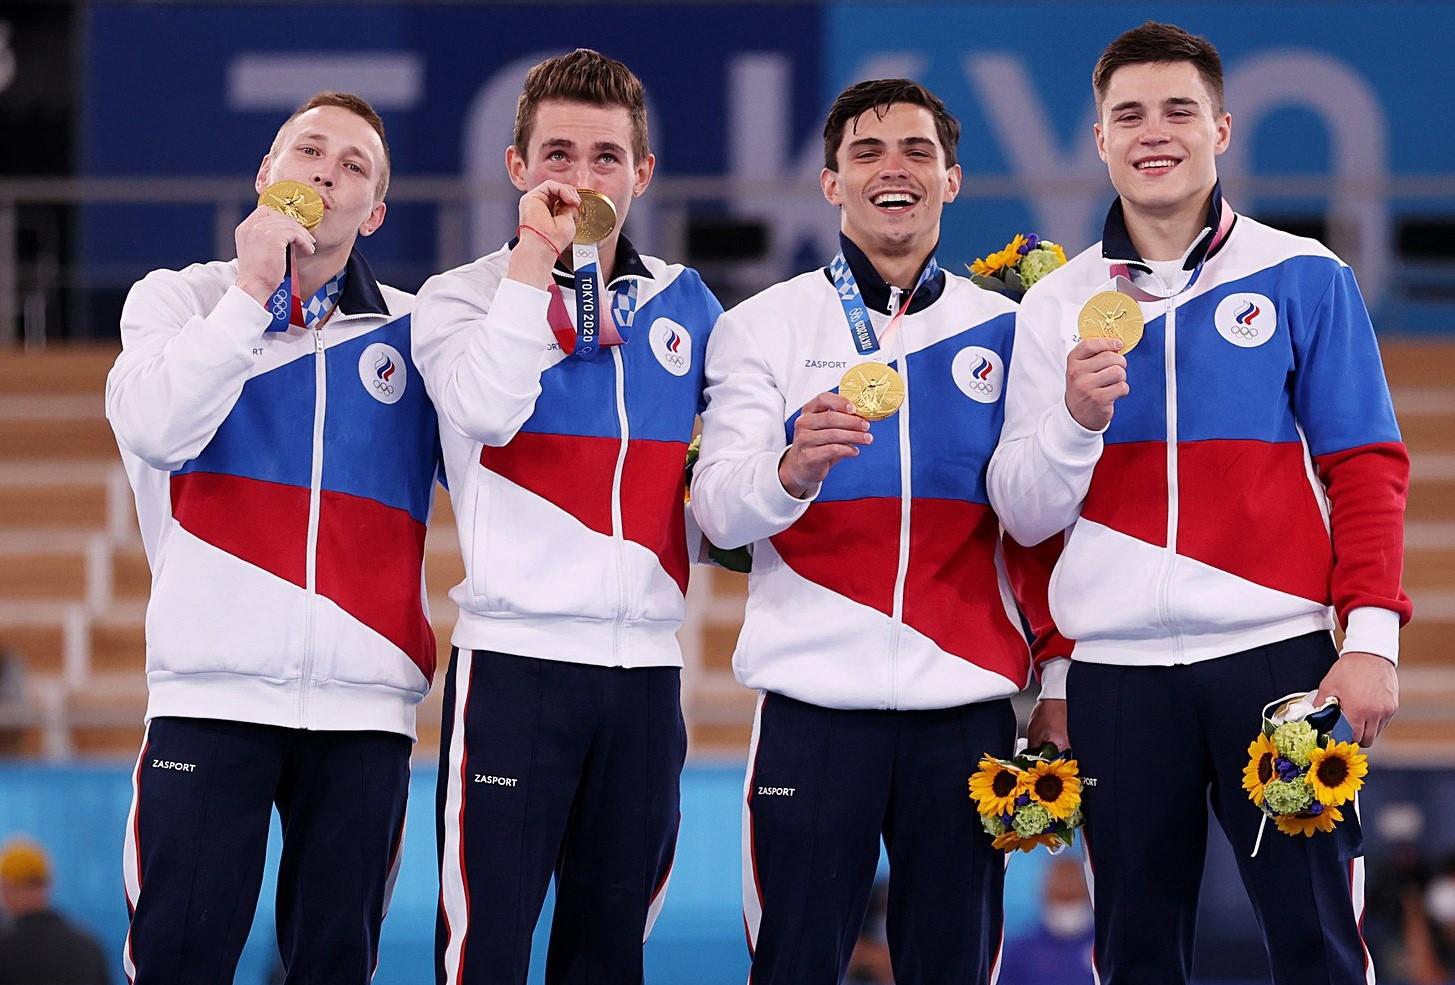 Алексей Островский поздравил смоленских студентов с олимпийскими медалями